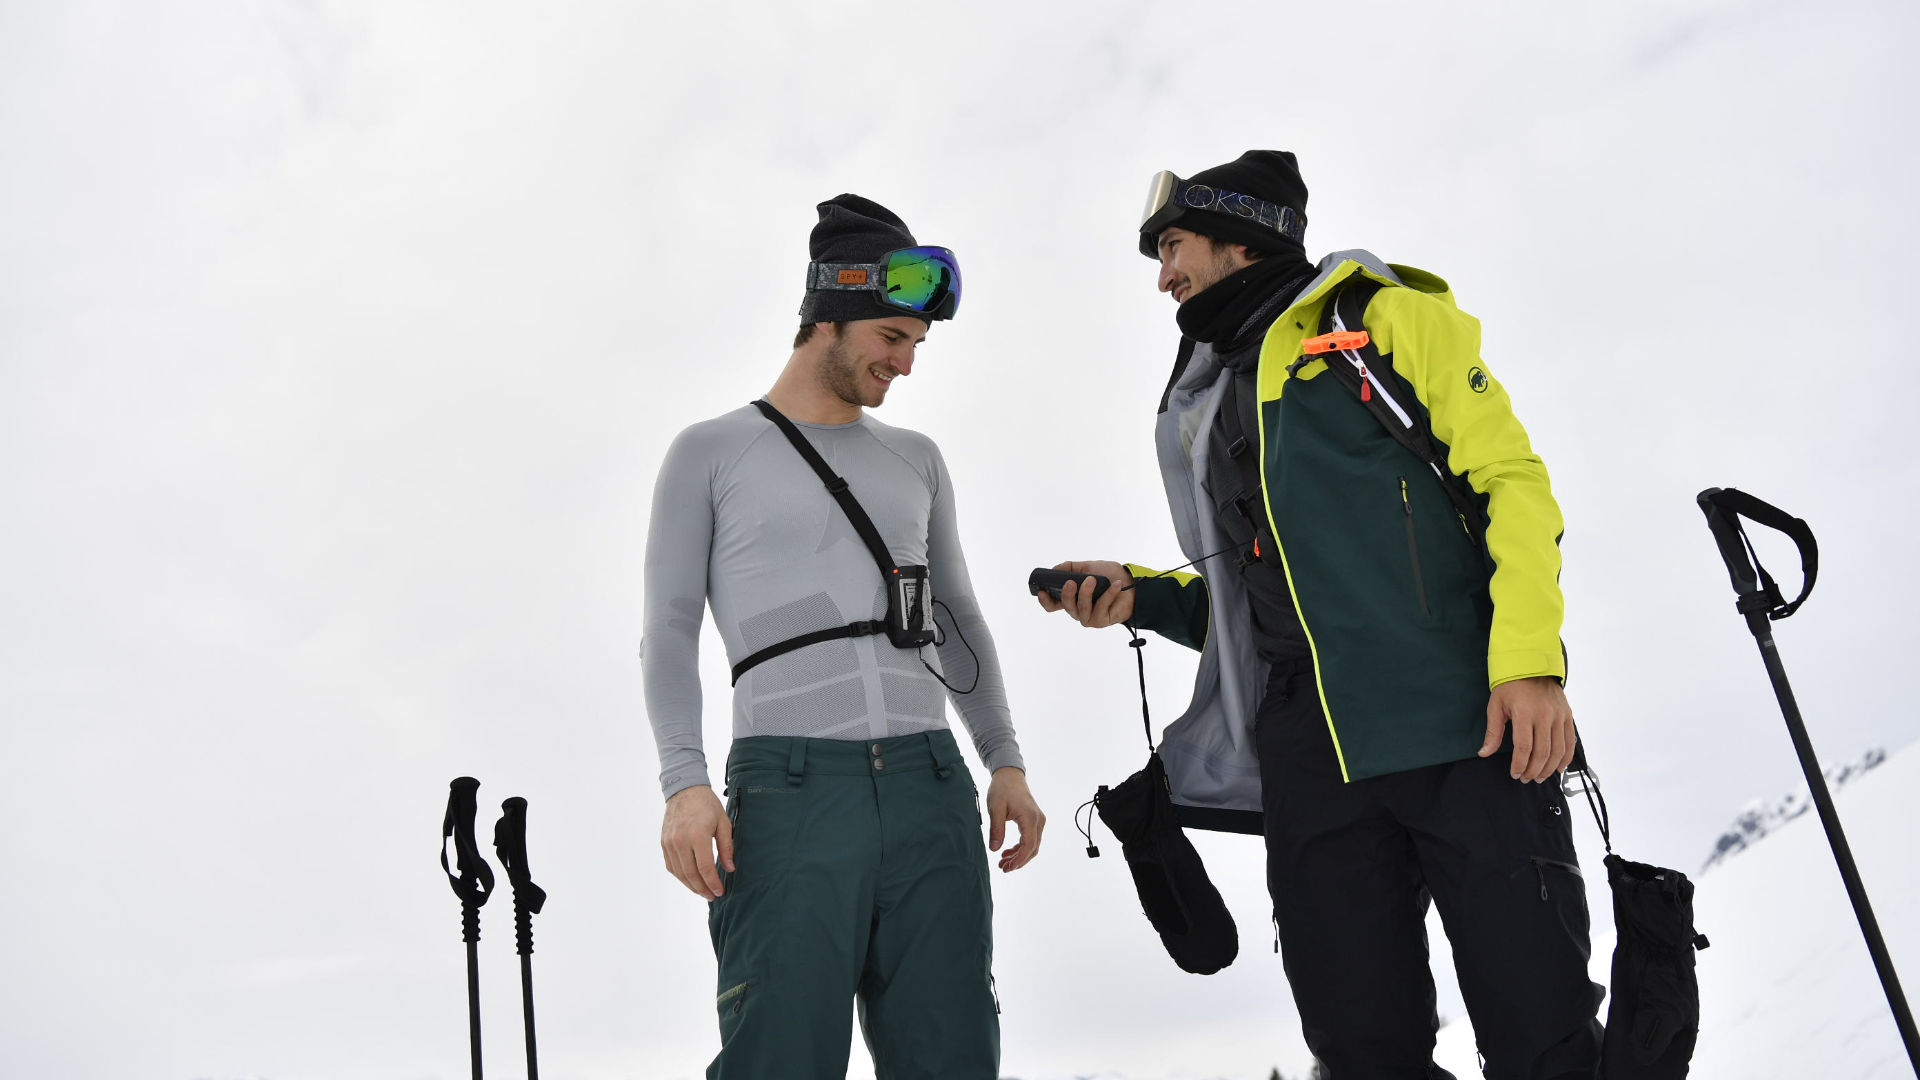 Zwei Rider testen ihren 3-Antennen-Lawinenpiepser